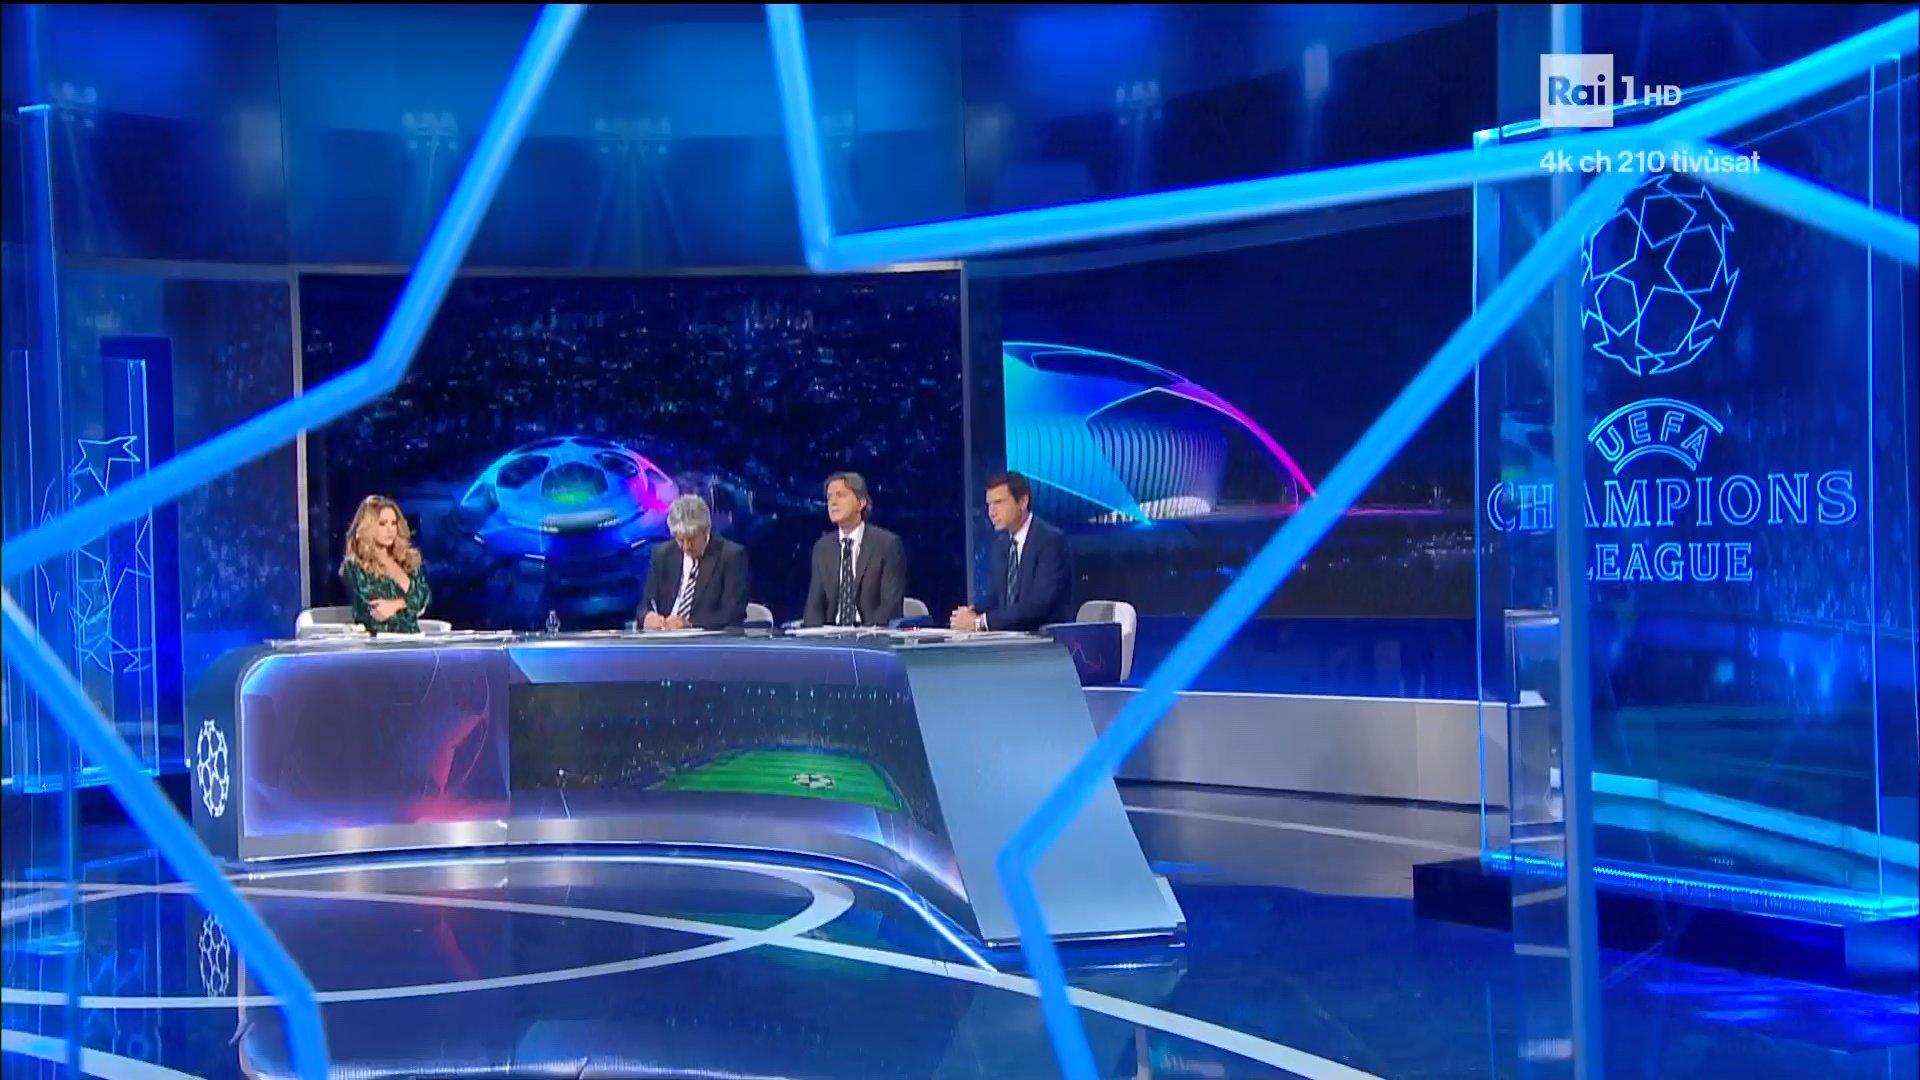 Sabato sui canali Rai Sport, Palinsesto 1 Giugno 2019